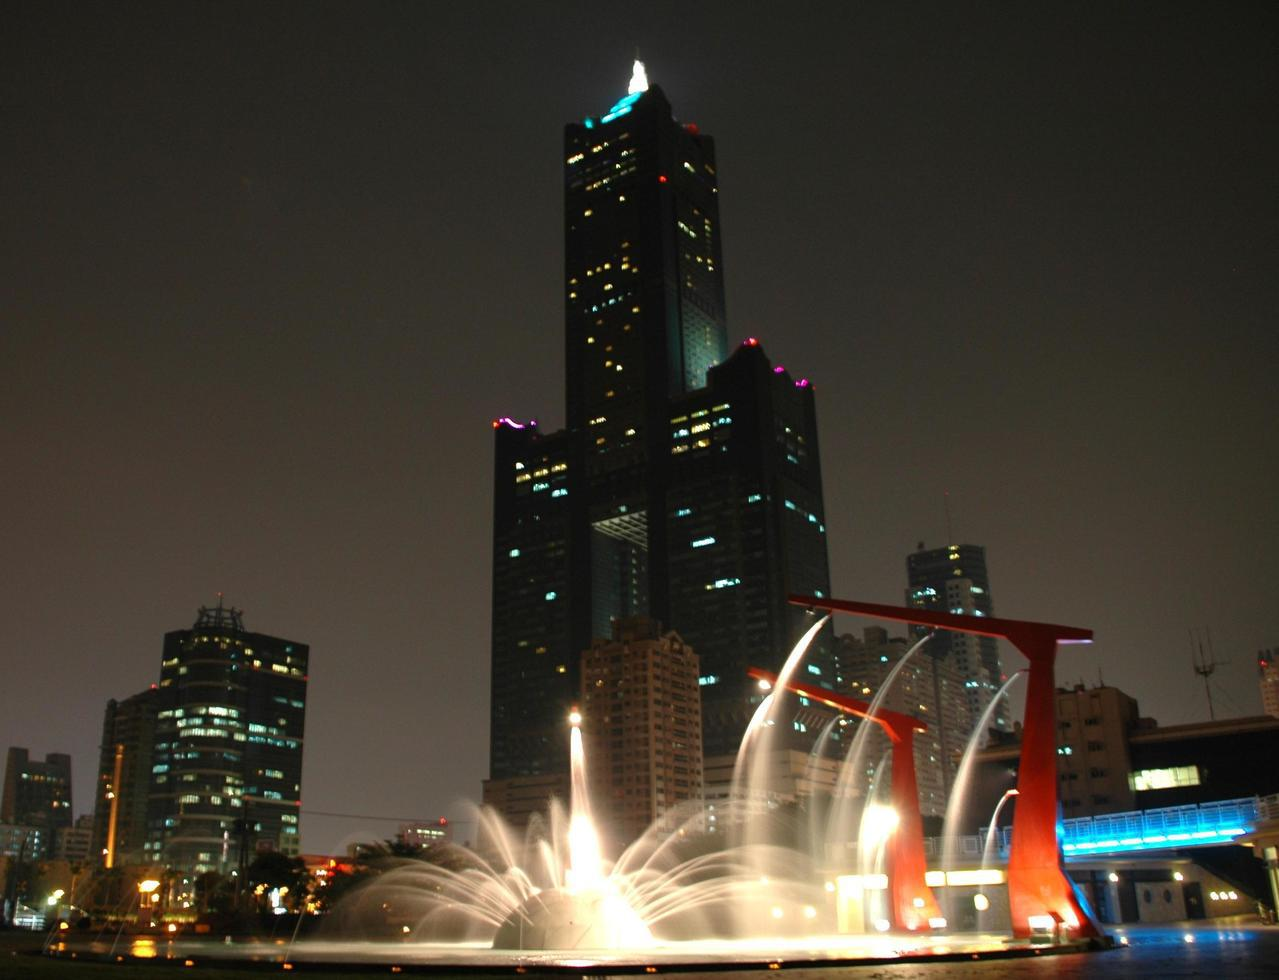 高雄市新光碼頭一帶夜景美不勝收。記者謝龍田/攝影